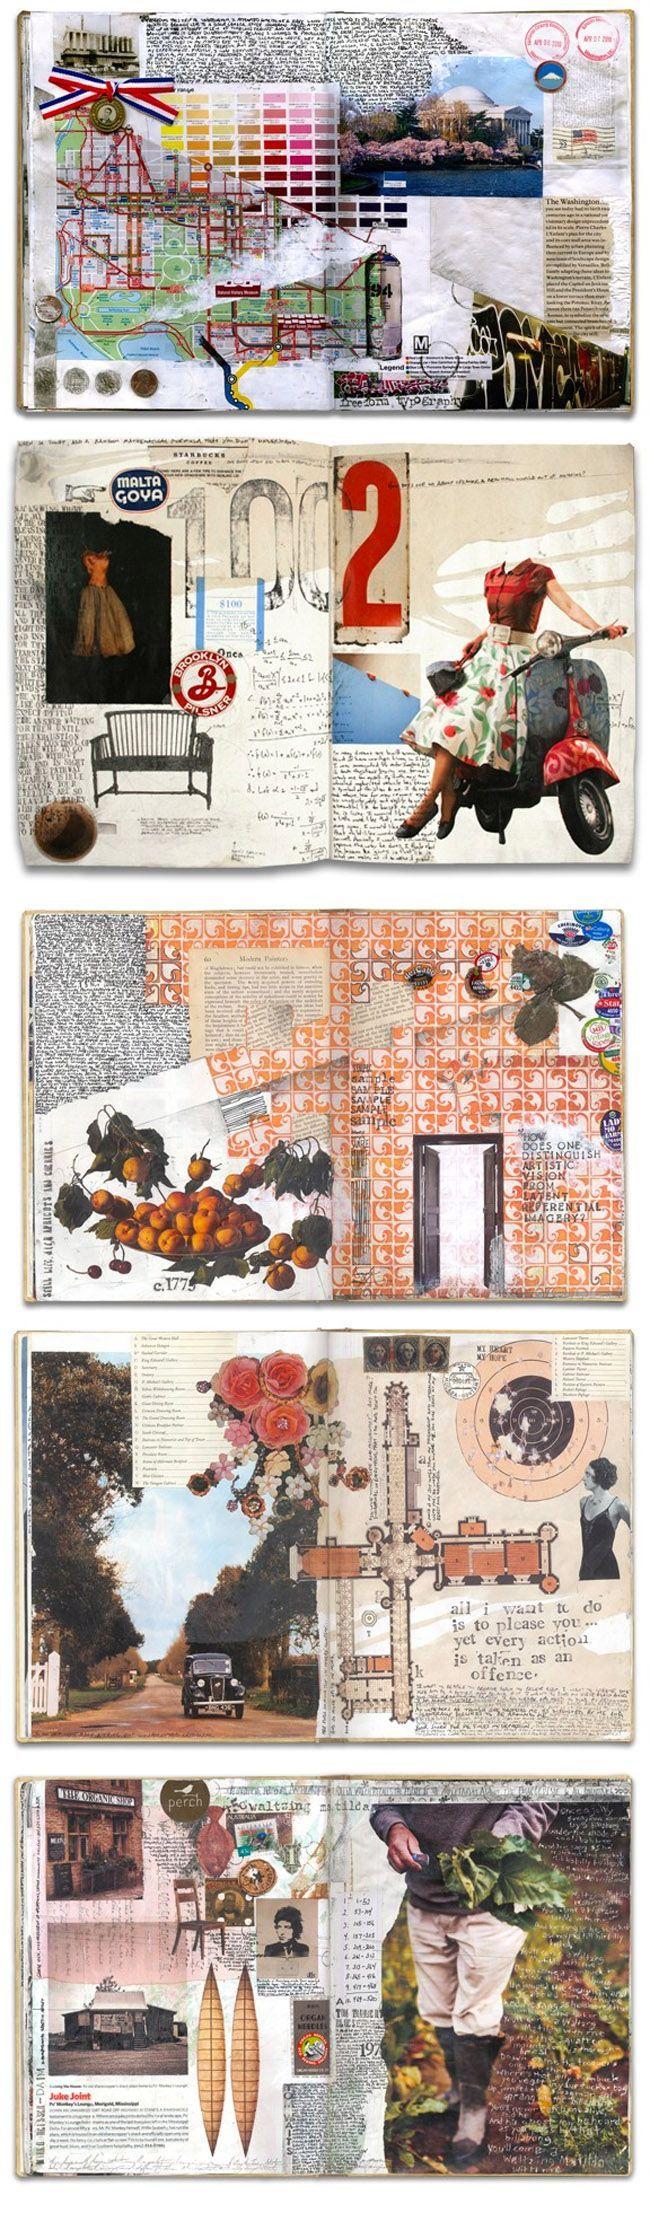 Artist Journal by Gerard Lange http://www.gerardlange.com/PortfolioPages/JRNL/JRNL.html